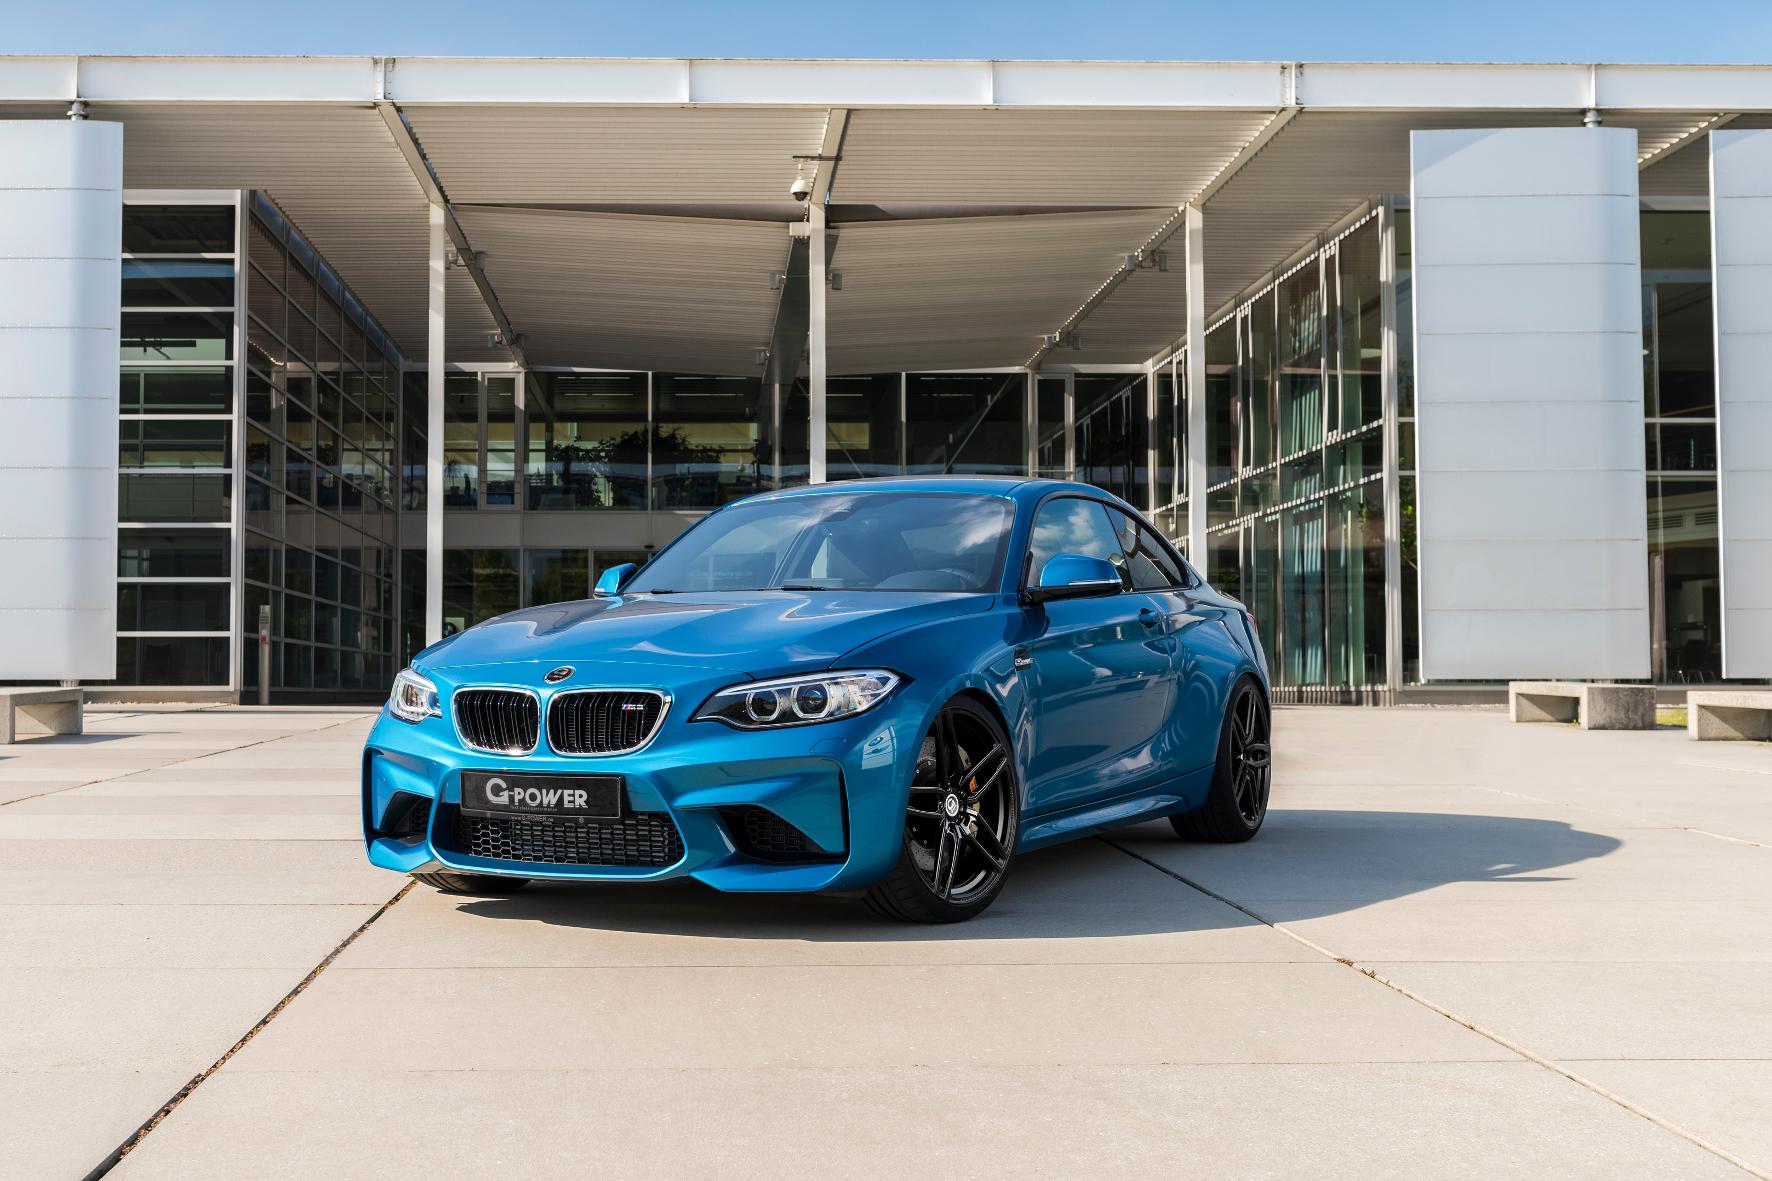 mid Groß-Gerau - Tuner G-Power verpasst dem BMW M2 eine Leistungsspritze auf 410 PS und 570 Newtonmeter maximales Drehmoment.